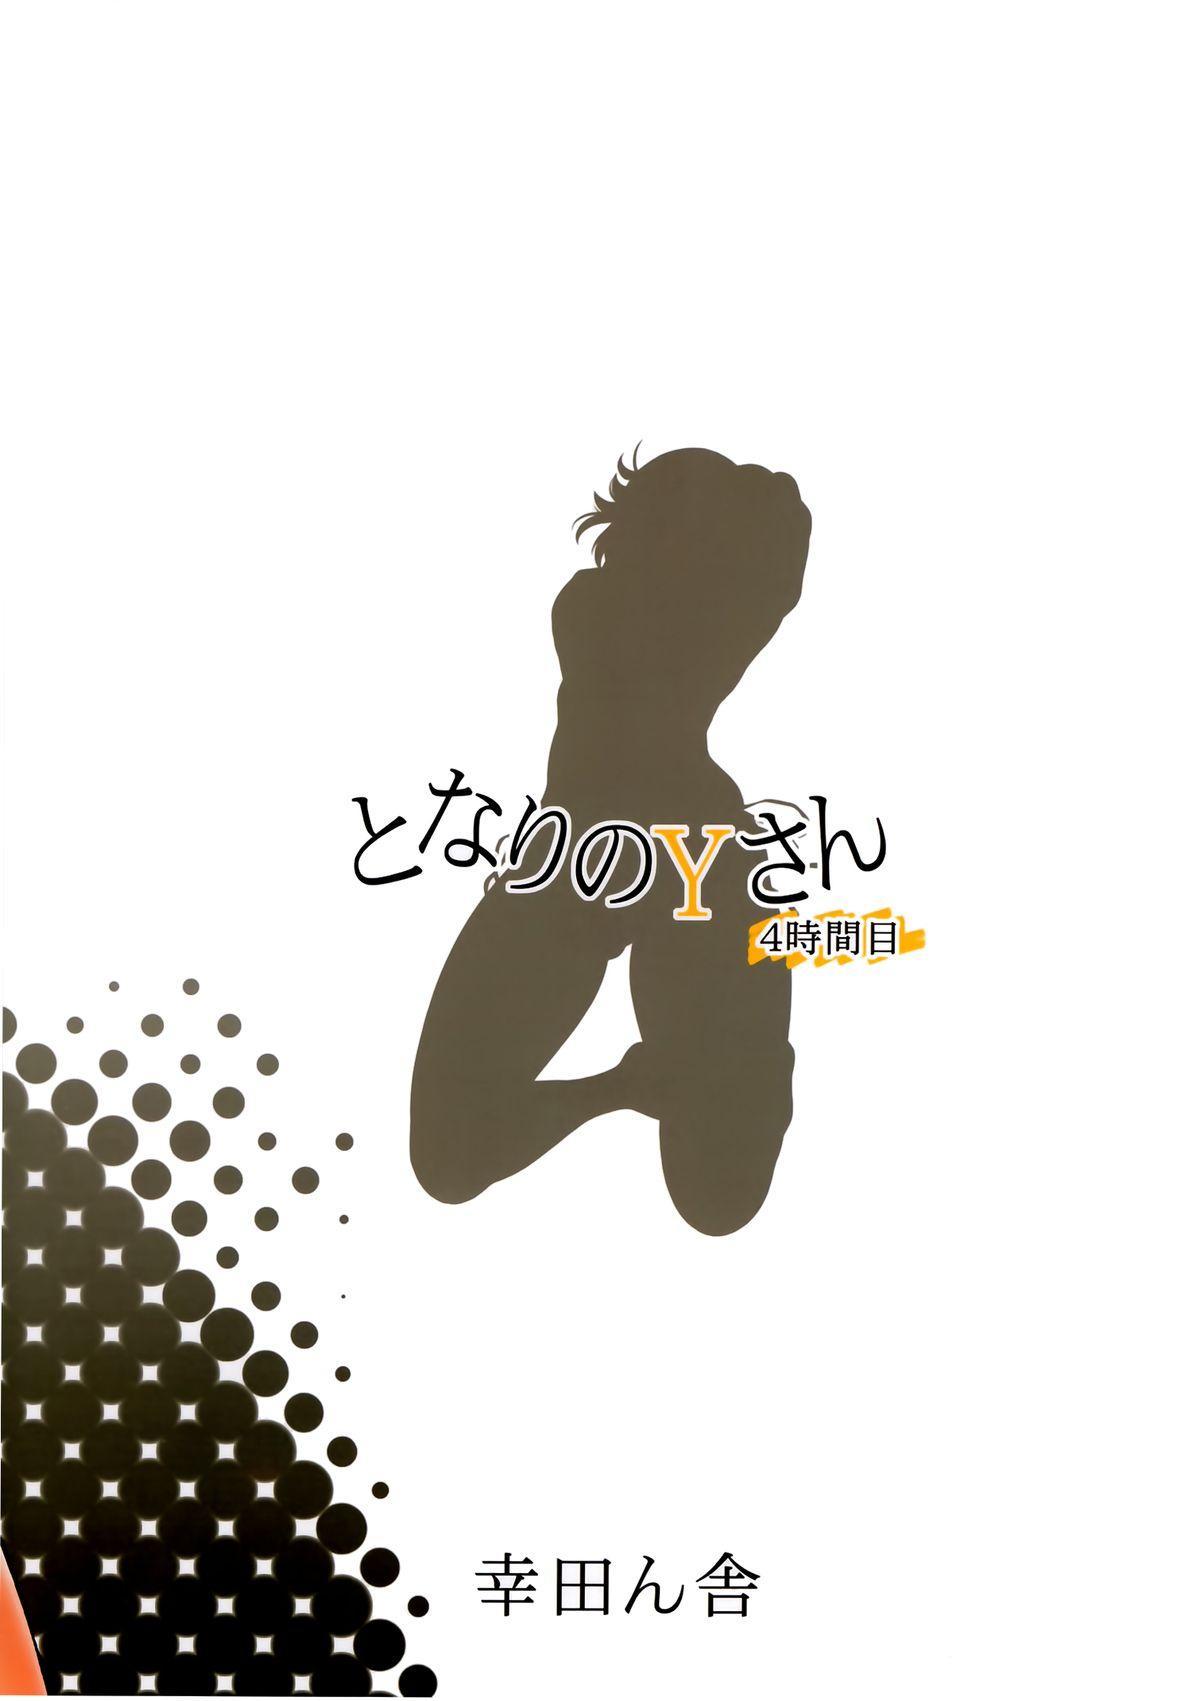 (C88) [Koudansha (Kouda Tomohiro)] Tonari no Y-san 4jikanme   My Neighbor Y-san 4th Period (Tonari no Seki-kun) [English] [Tonigobe] 16